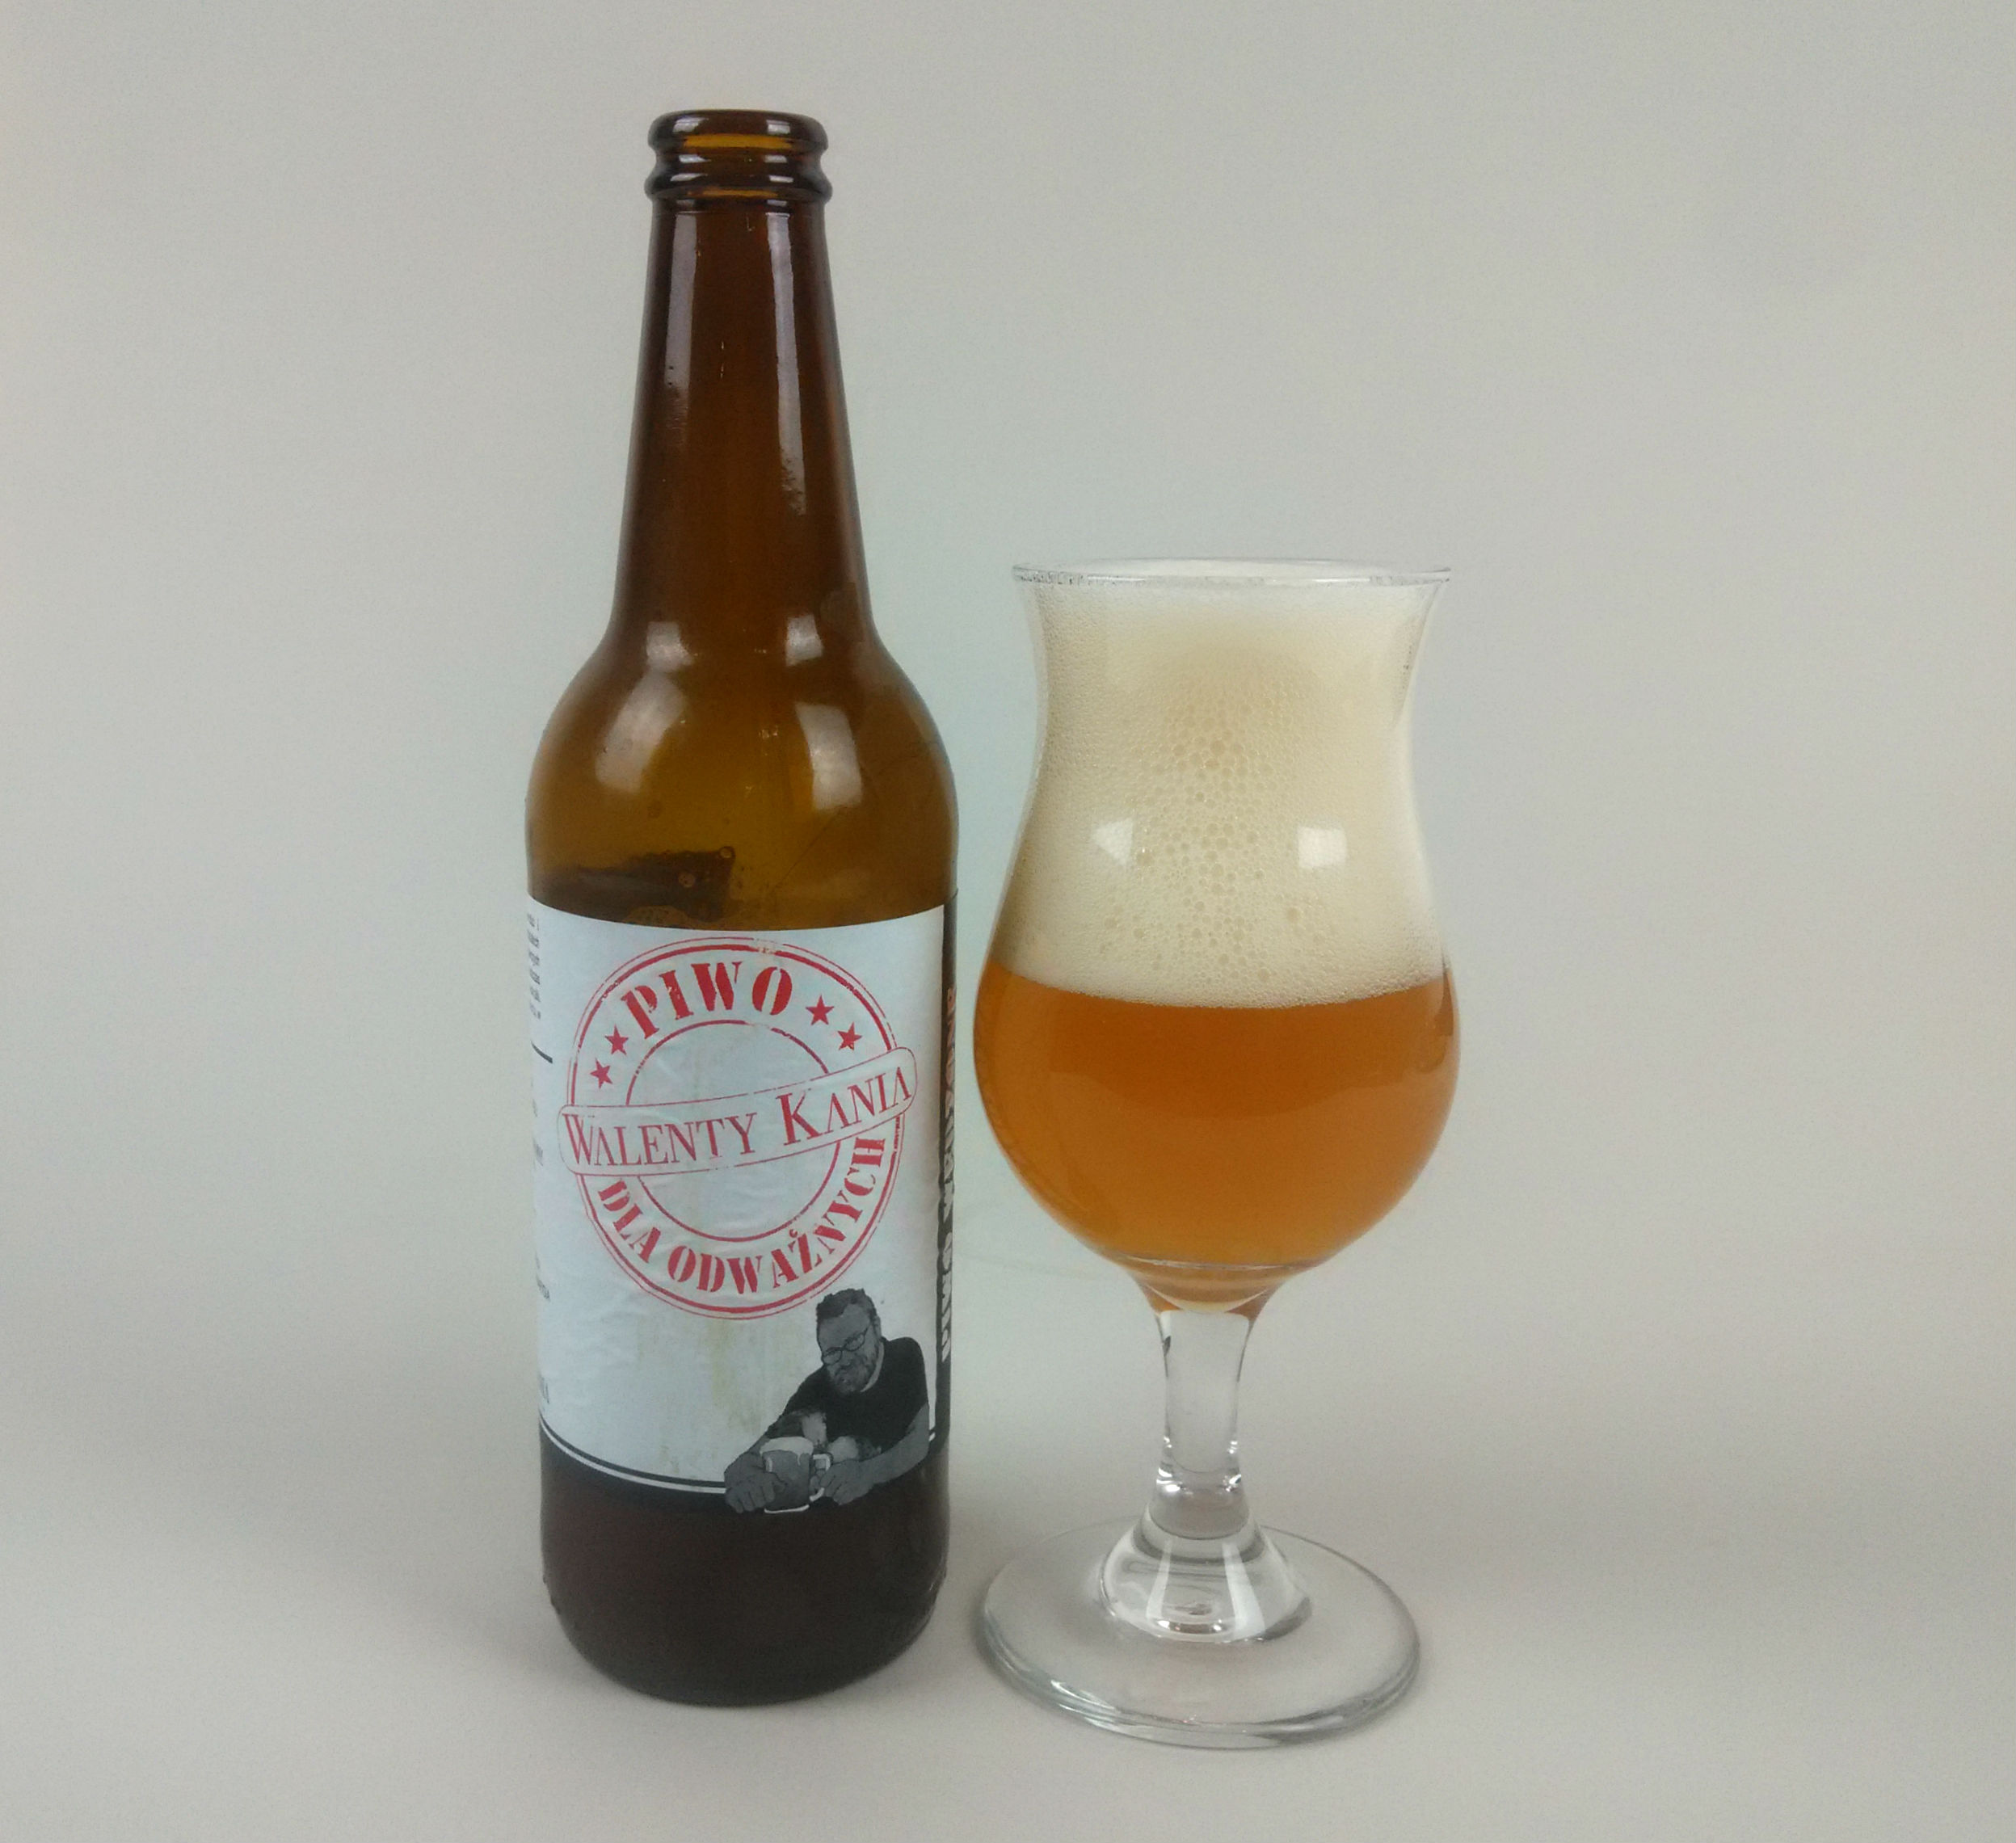 walenty-kania-piwo-recenzja